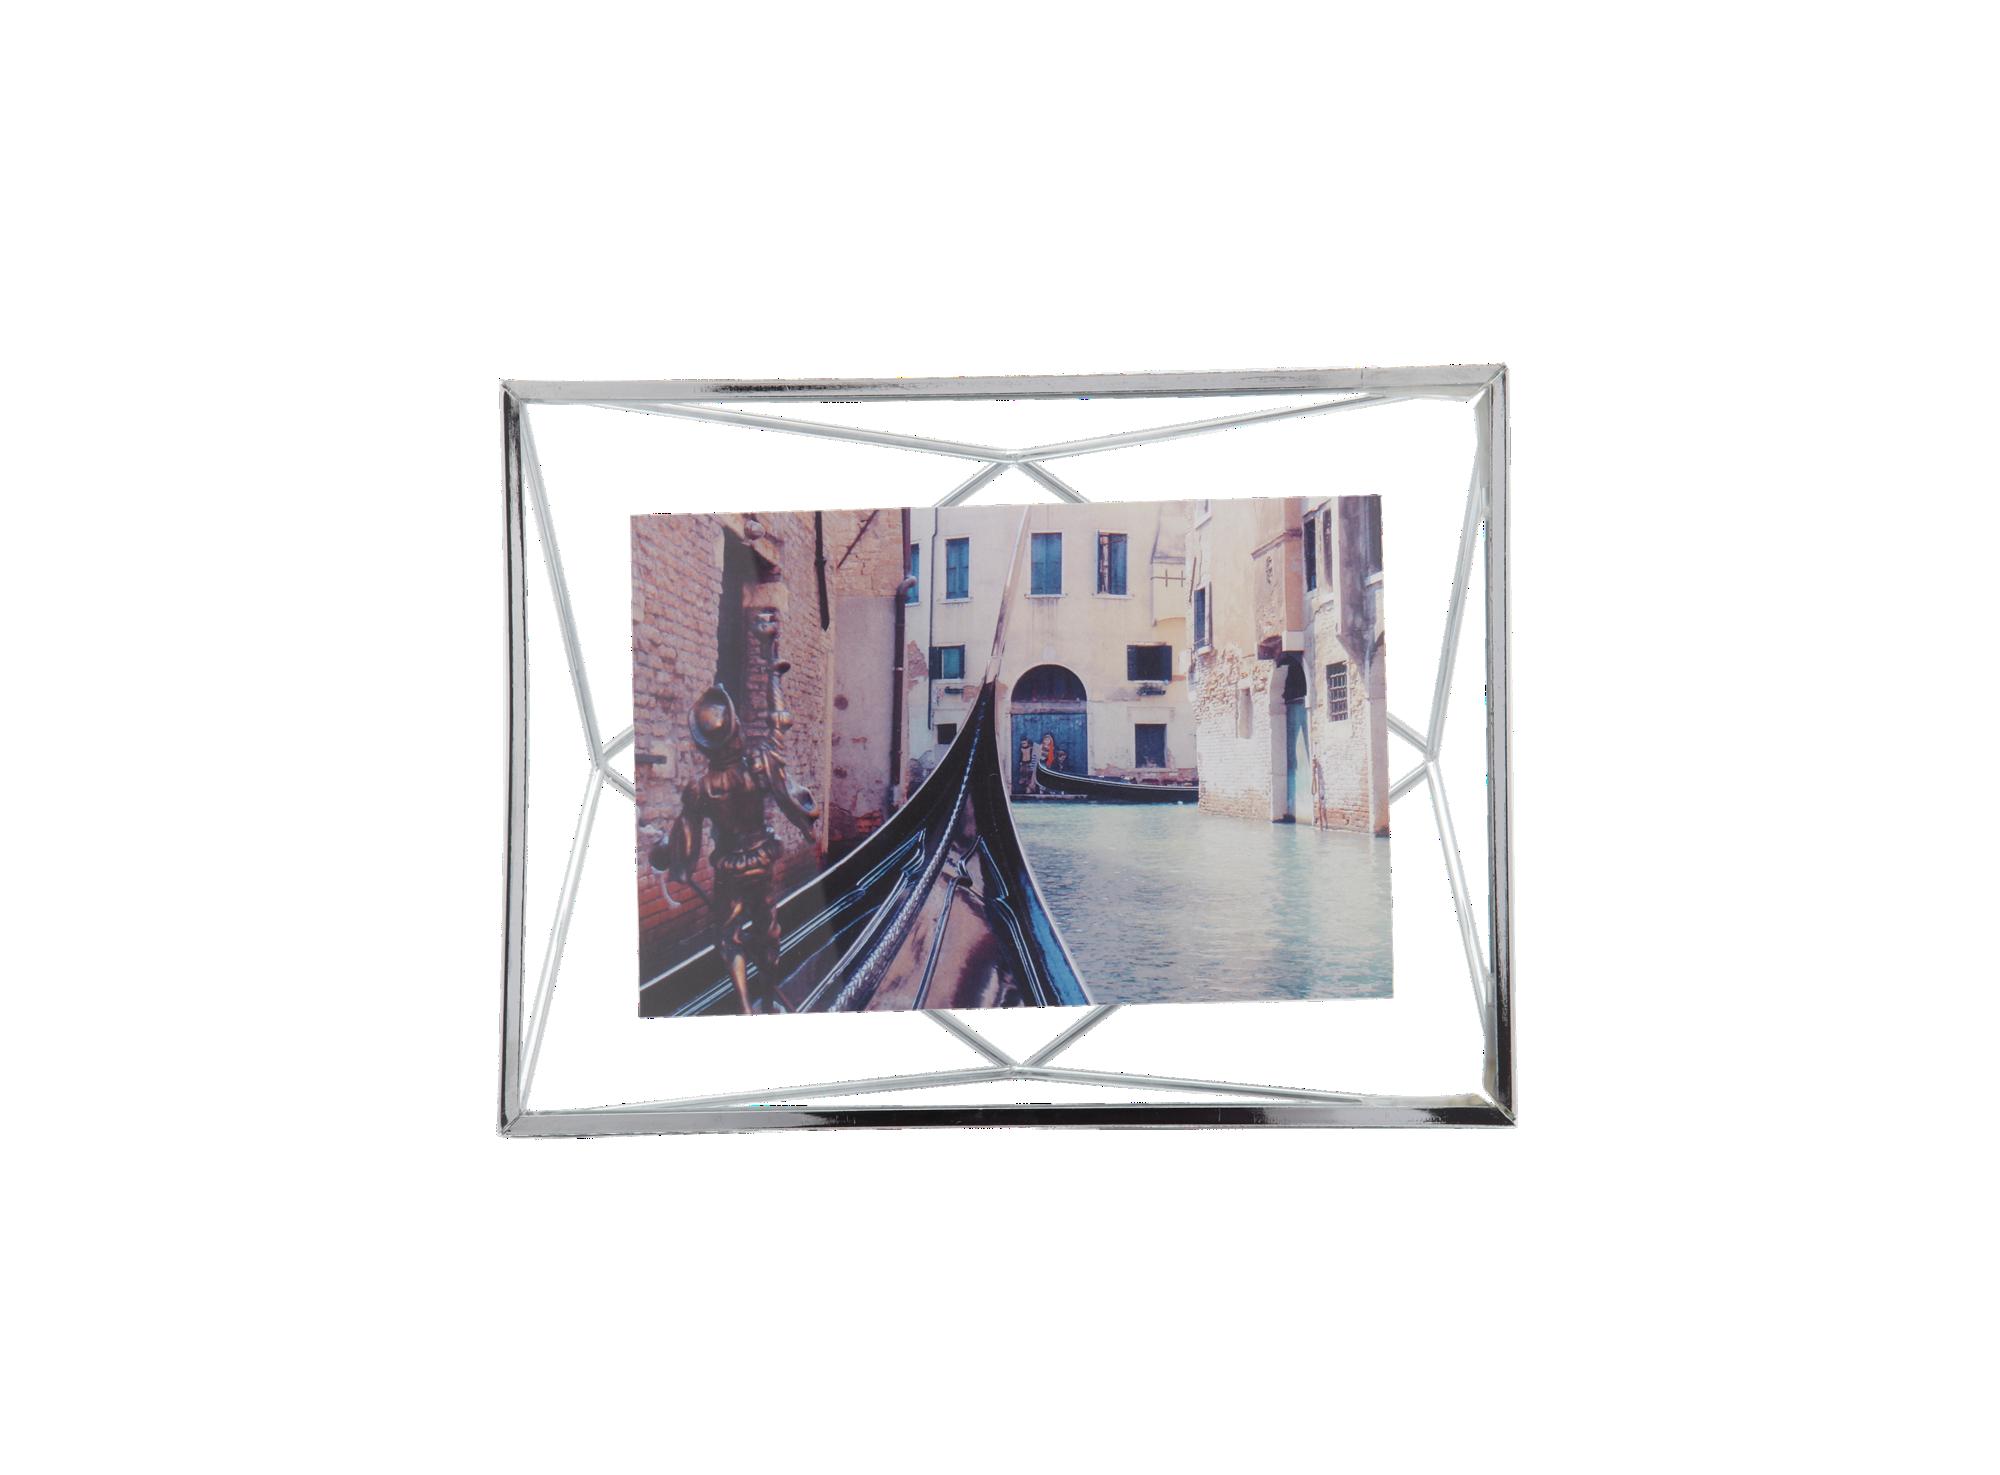 Cadre photo en metal chrome pour photo dimension 10x15cm